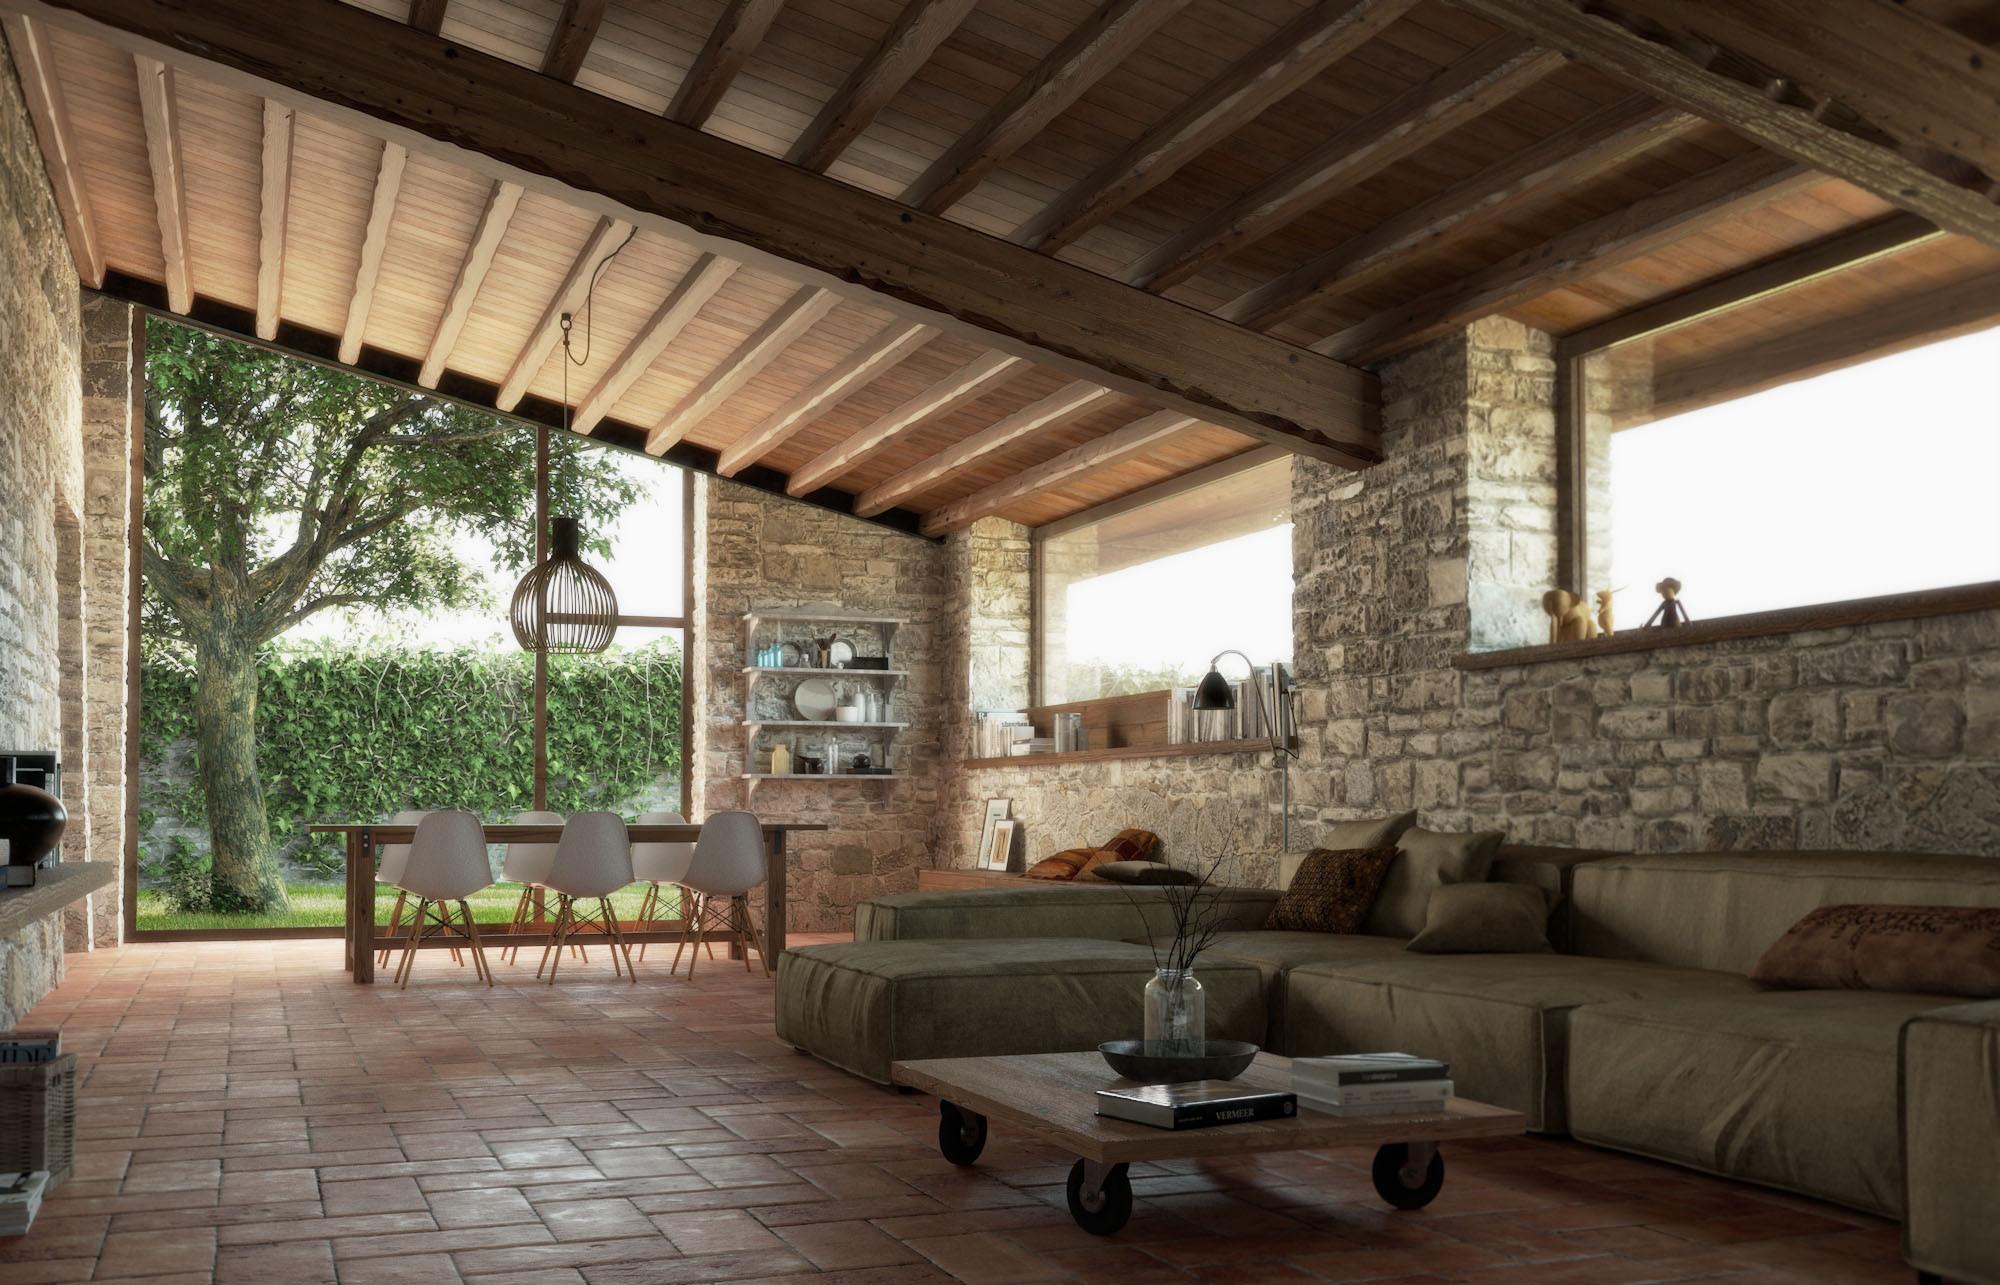 Rustico indipendente gesticasa for Archi interni casa ristrutturato